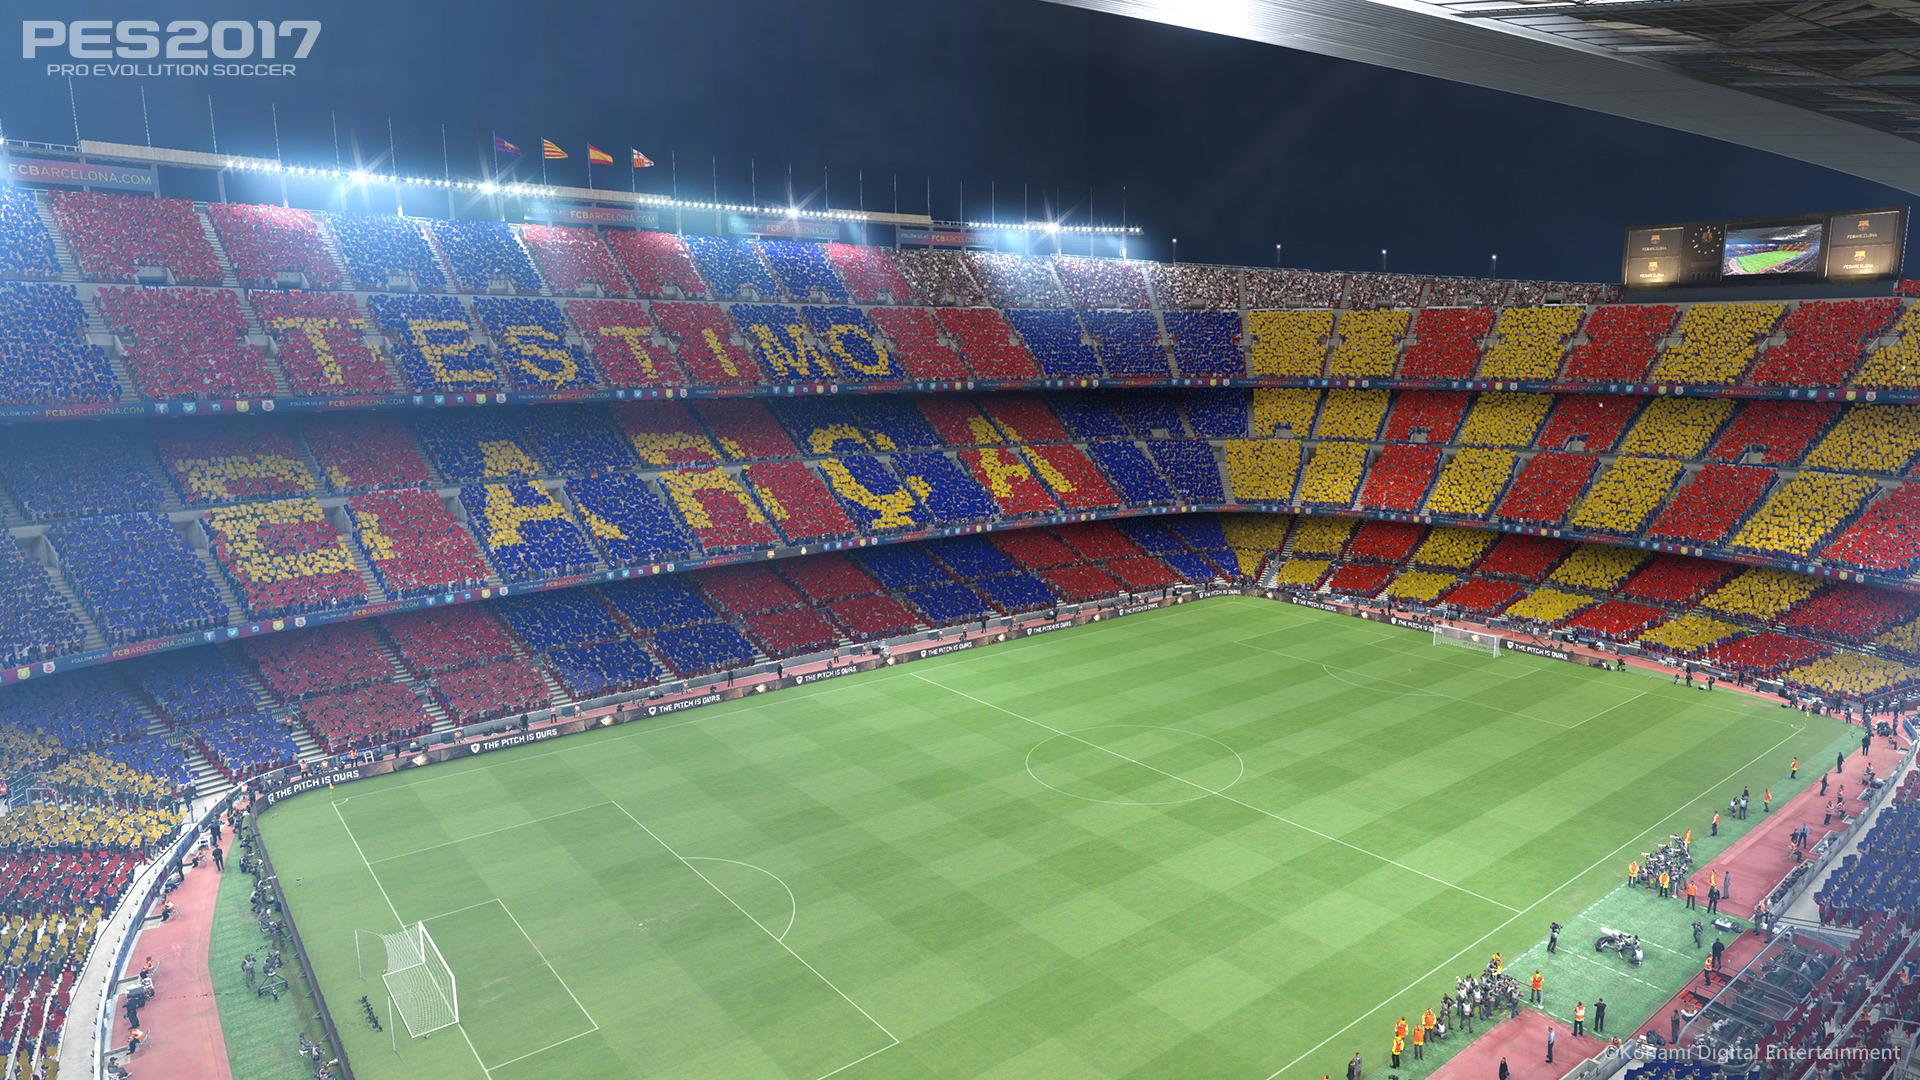 Hráči Barcelony hvězdami PES 2017 127695